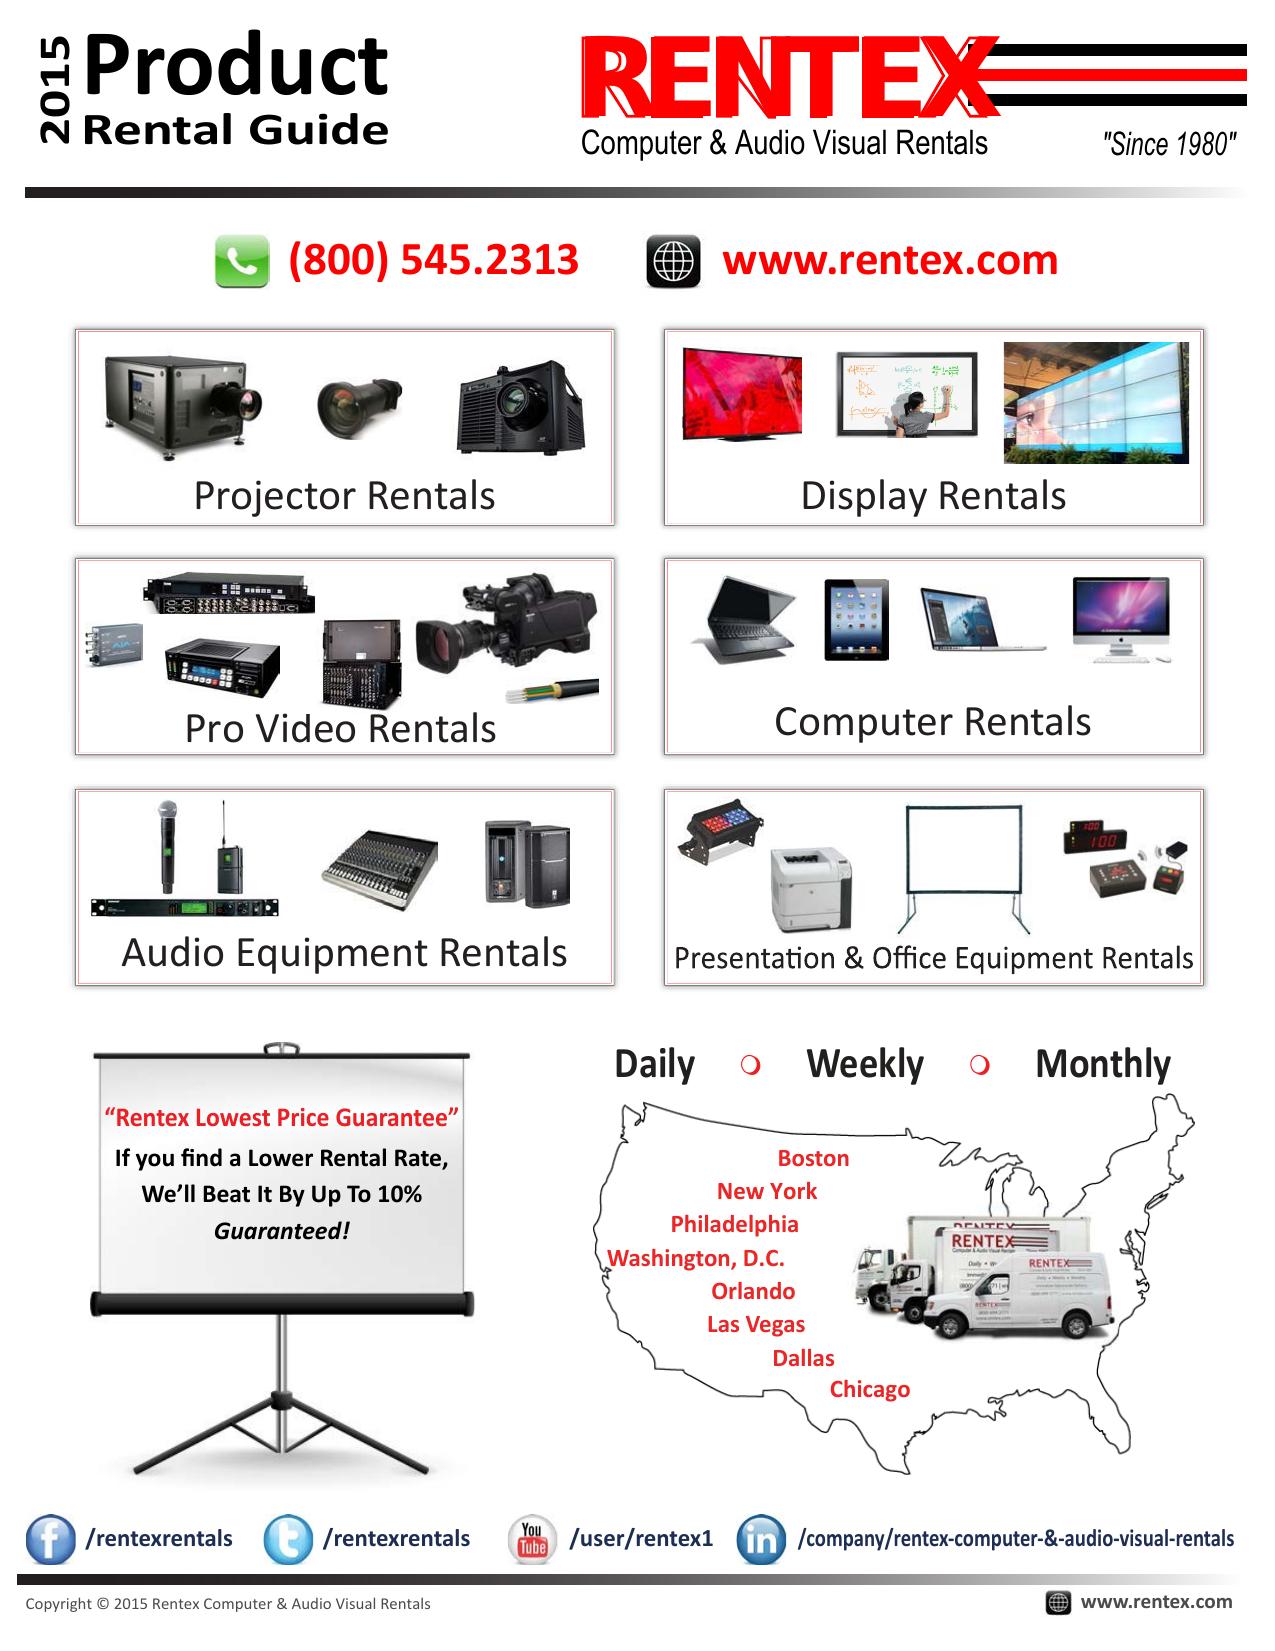 Vidrec Blackmagic Design H 264 Format Video Recorder For Mac